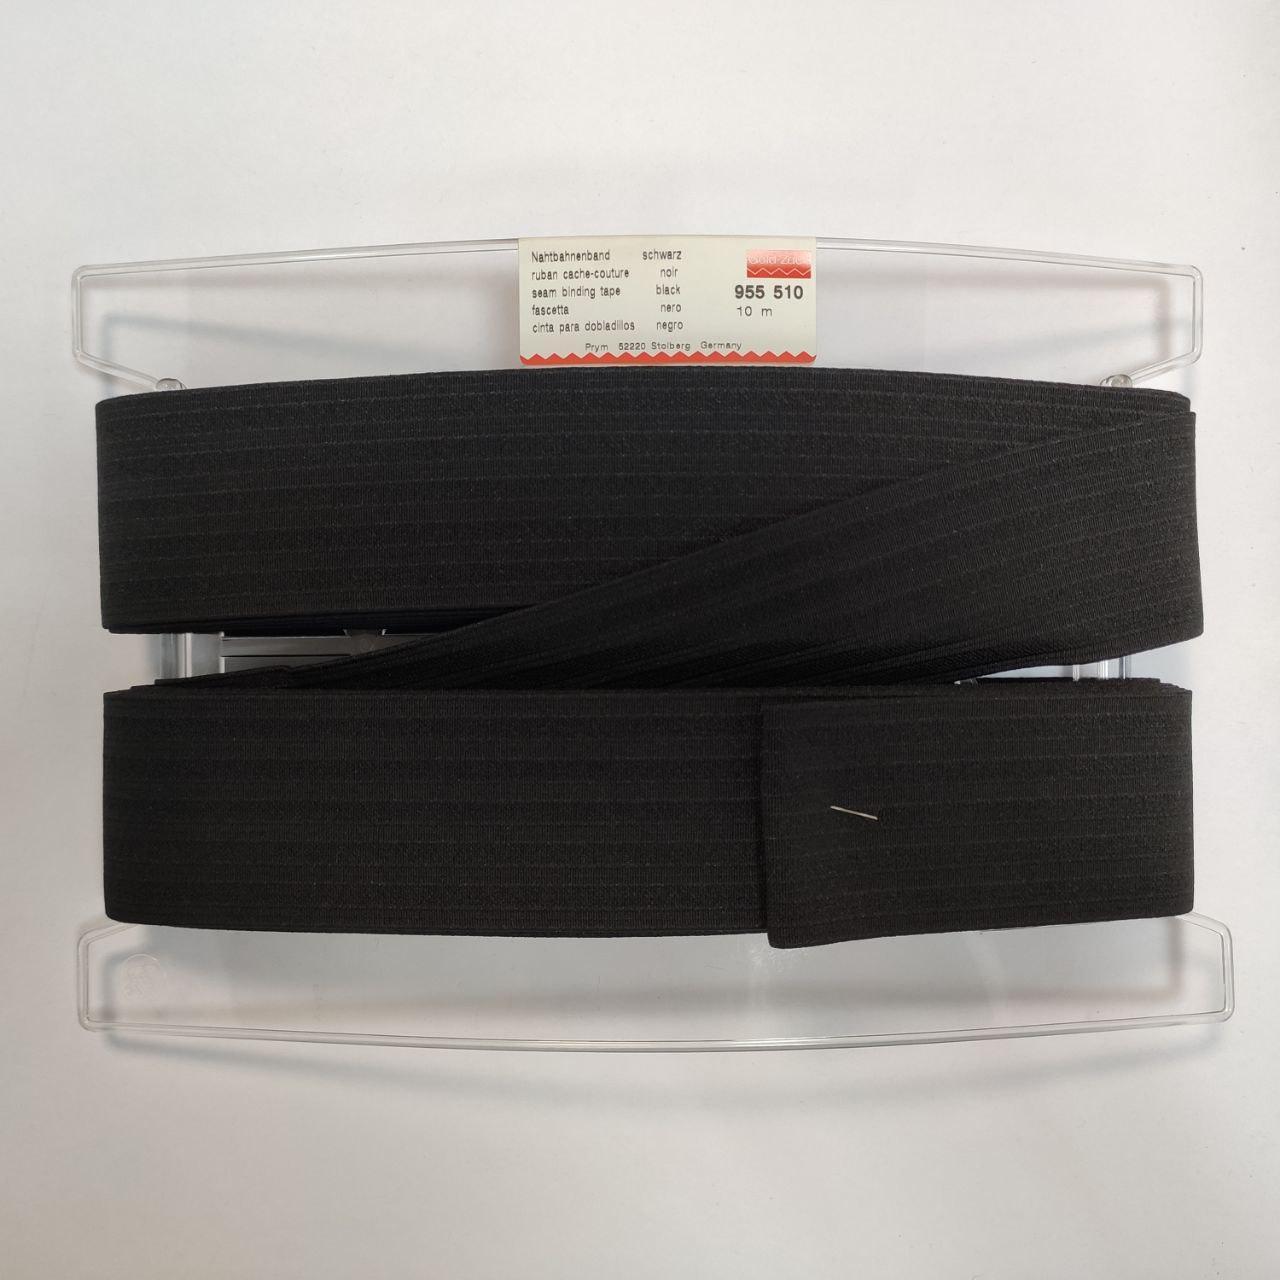 Текстильная швейная плоская резинка 50 мм, Gold-Zack от Prym